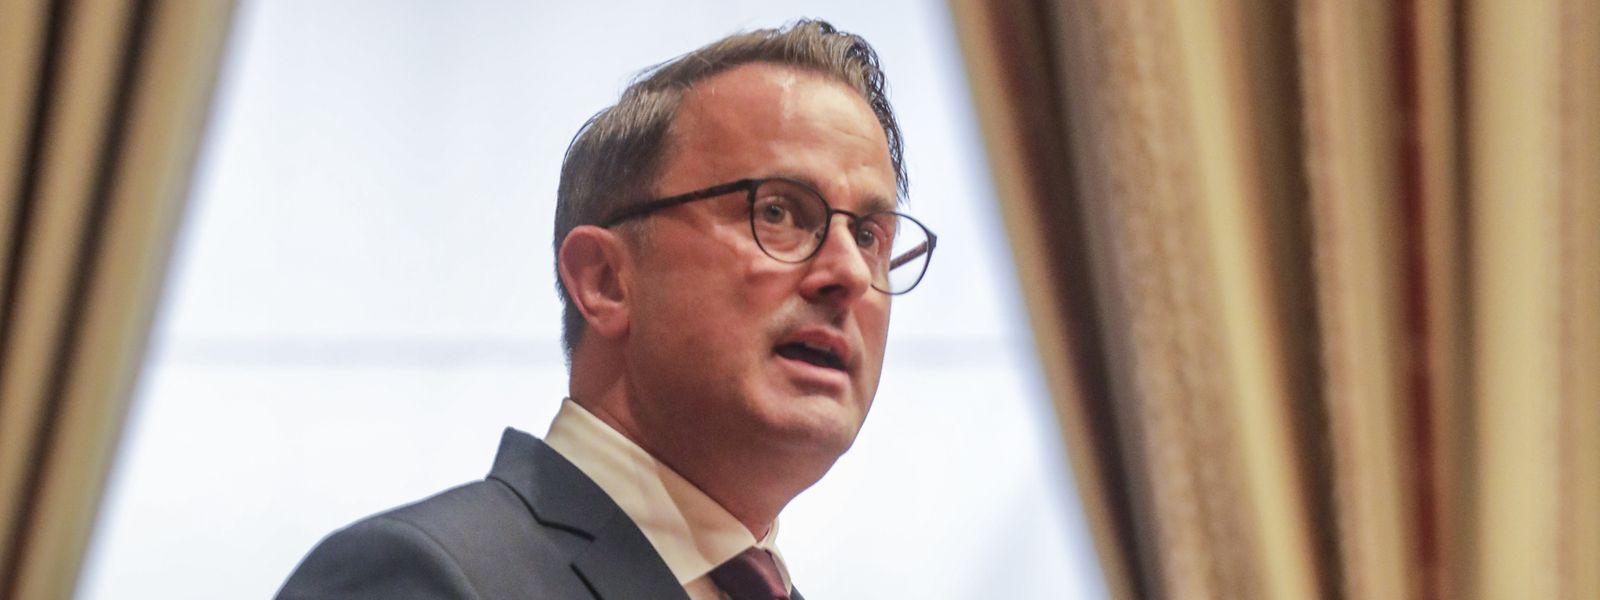 Pour son huitième discours sur l'état de la Nation, Xavier Bettel a notamment annoncé la mise en place d'une réforme de l'impôt foncier qui ne devra toutefois pas concerner les propriétaires occupants de leur logement.